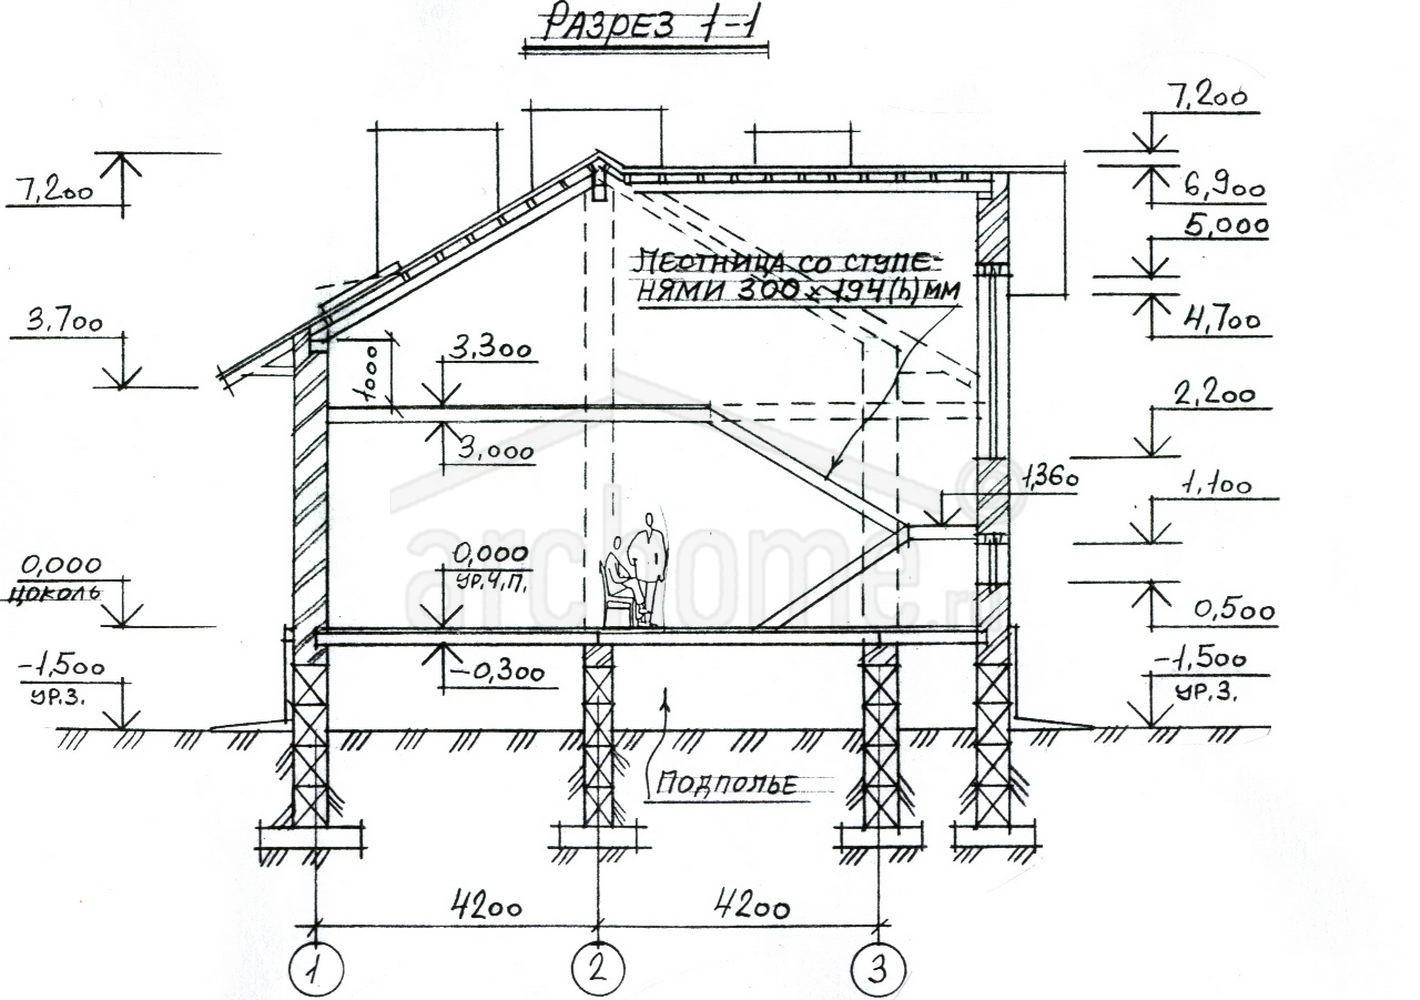 Планы этажей проекта КАСПЕР 3